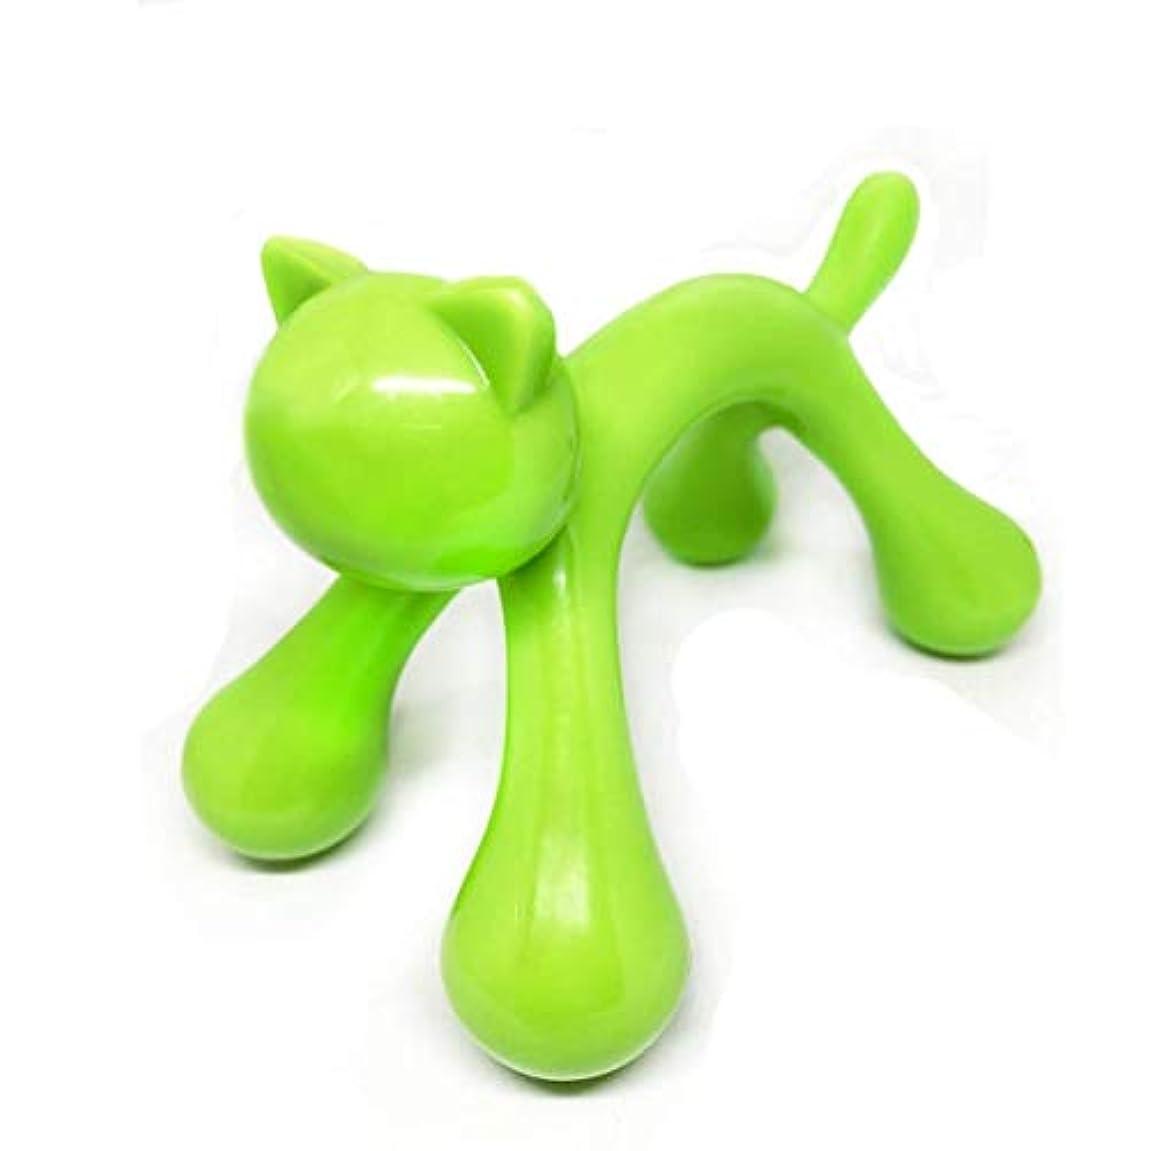 召集するトマトそれらFlymylion マッサージ棒 ツボ押しマッサージ台 握りタイプ 背中 ウッド 疲労回復 ハンド 背中 首 肩こり解消 可愛いネコ型 (グリーン)